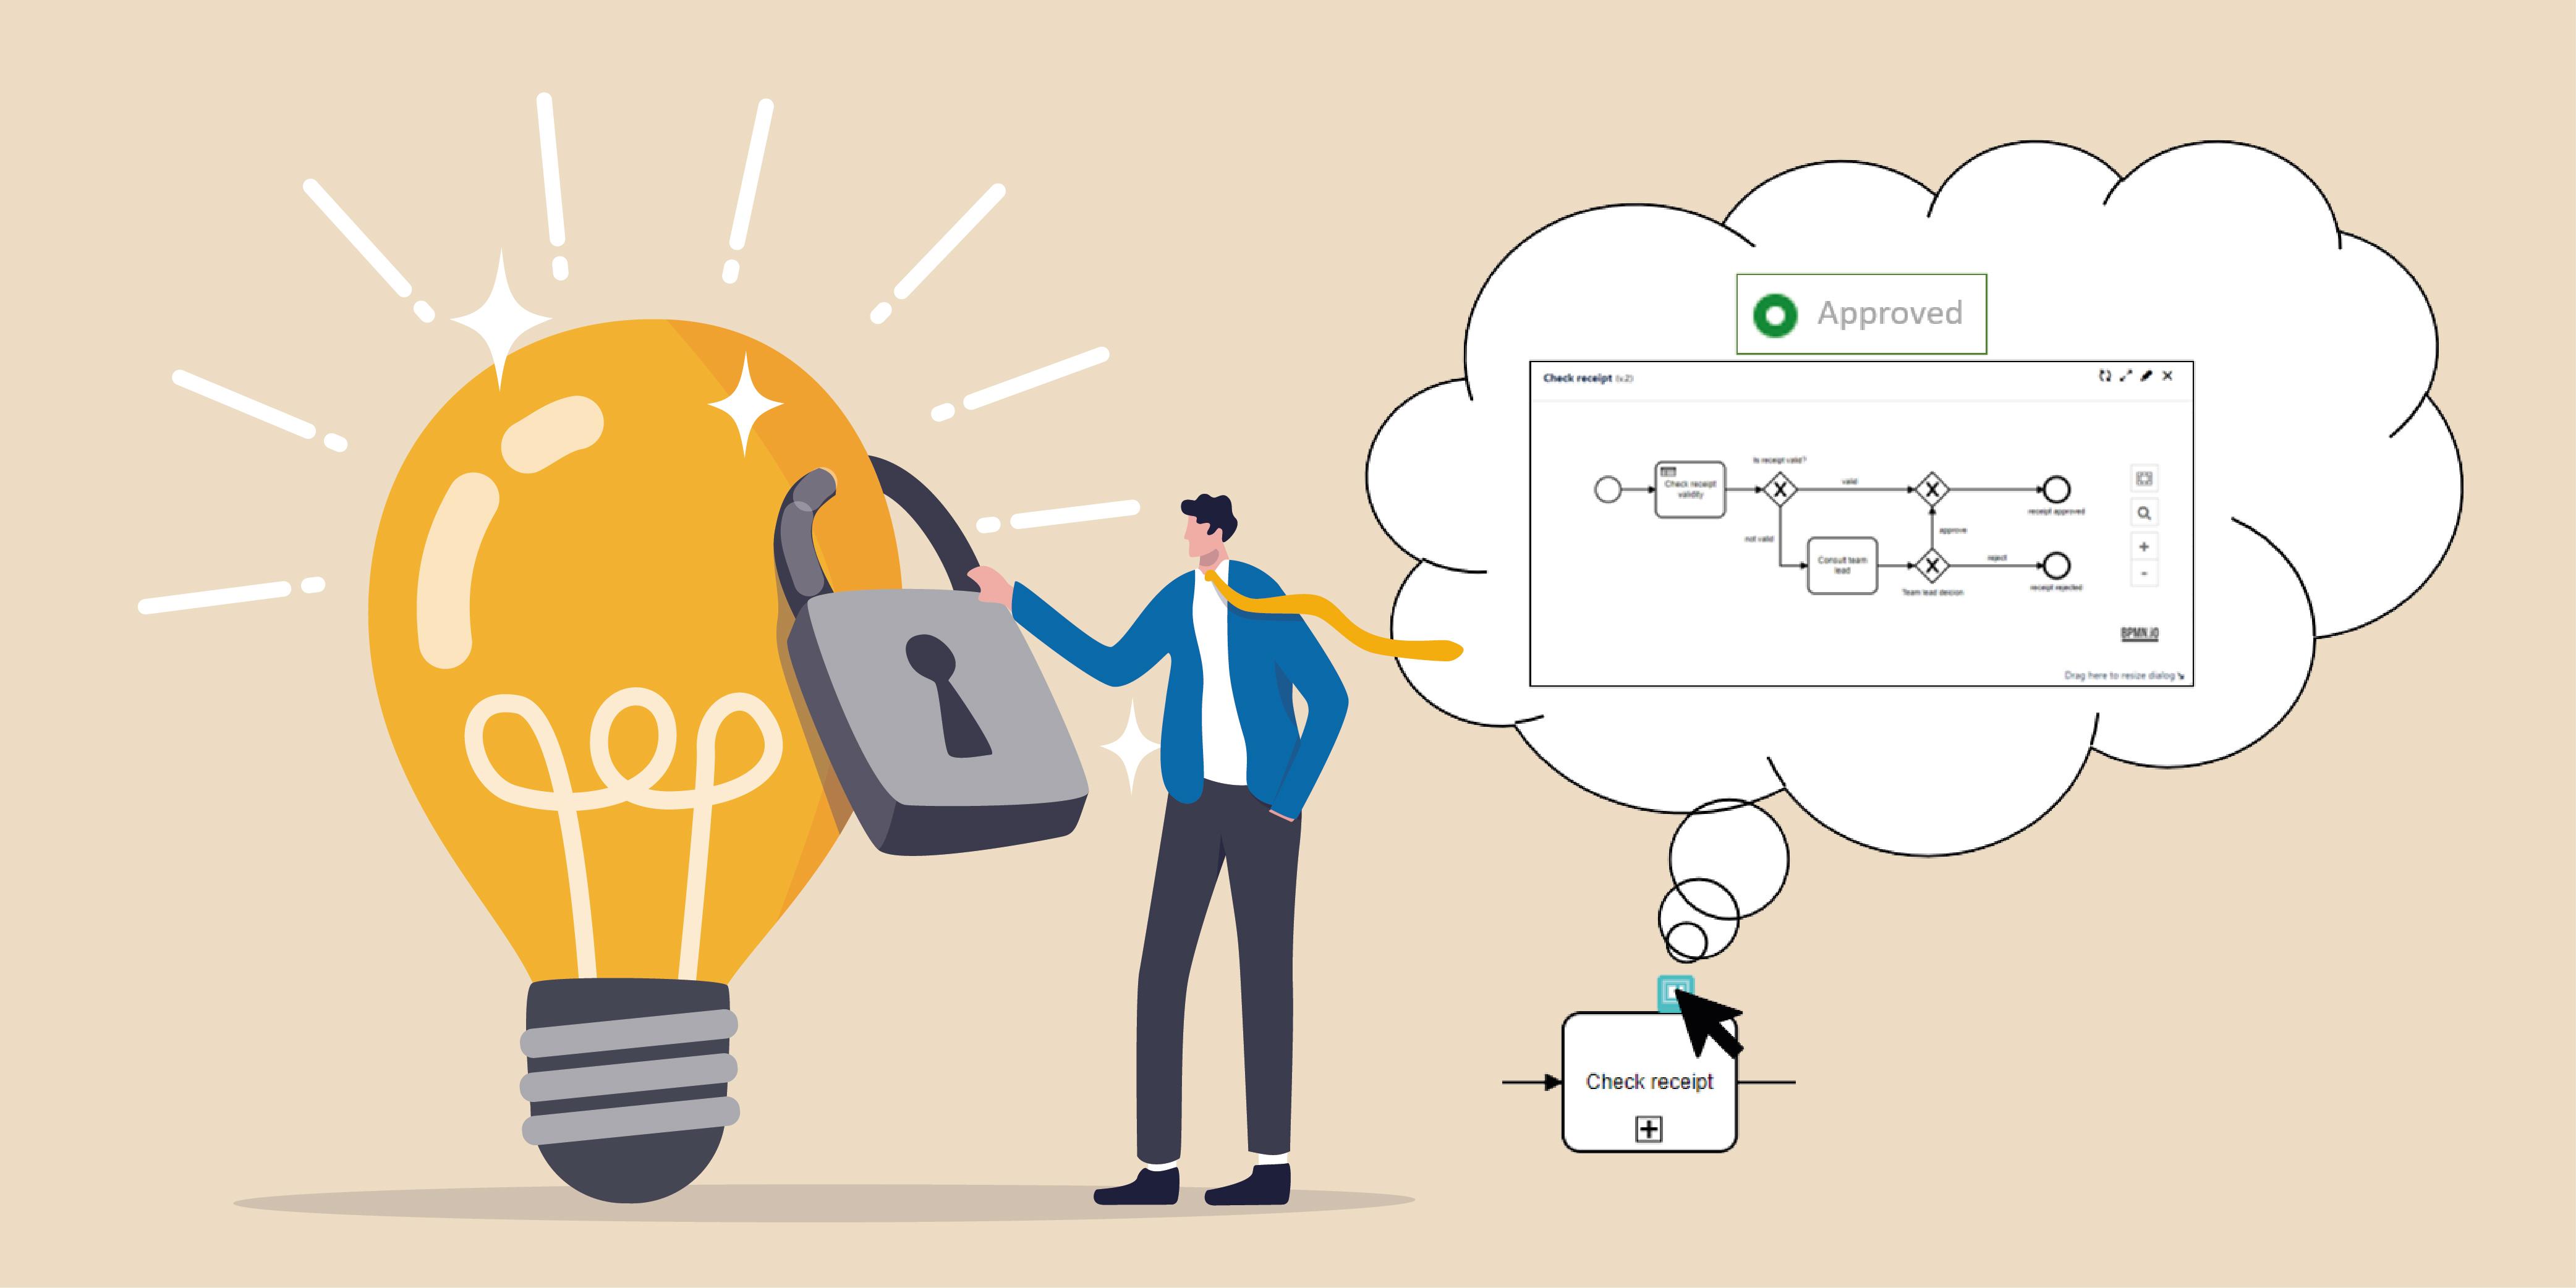 BPMN Modeler Enterprise integriert Comala Workflows